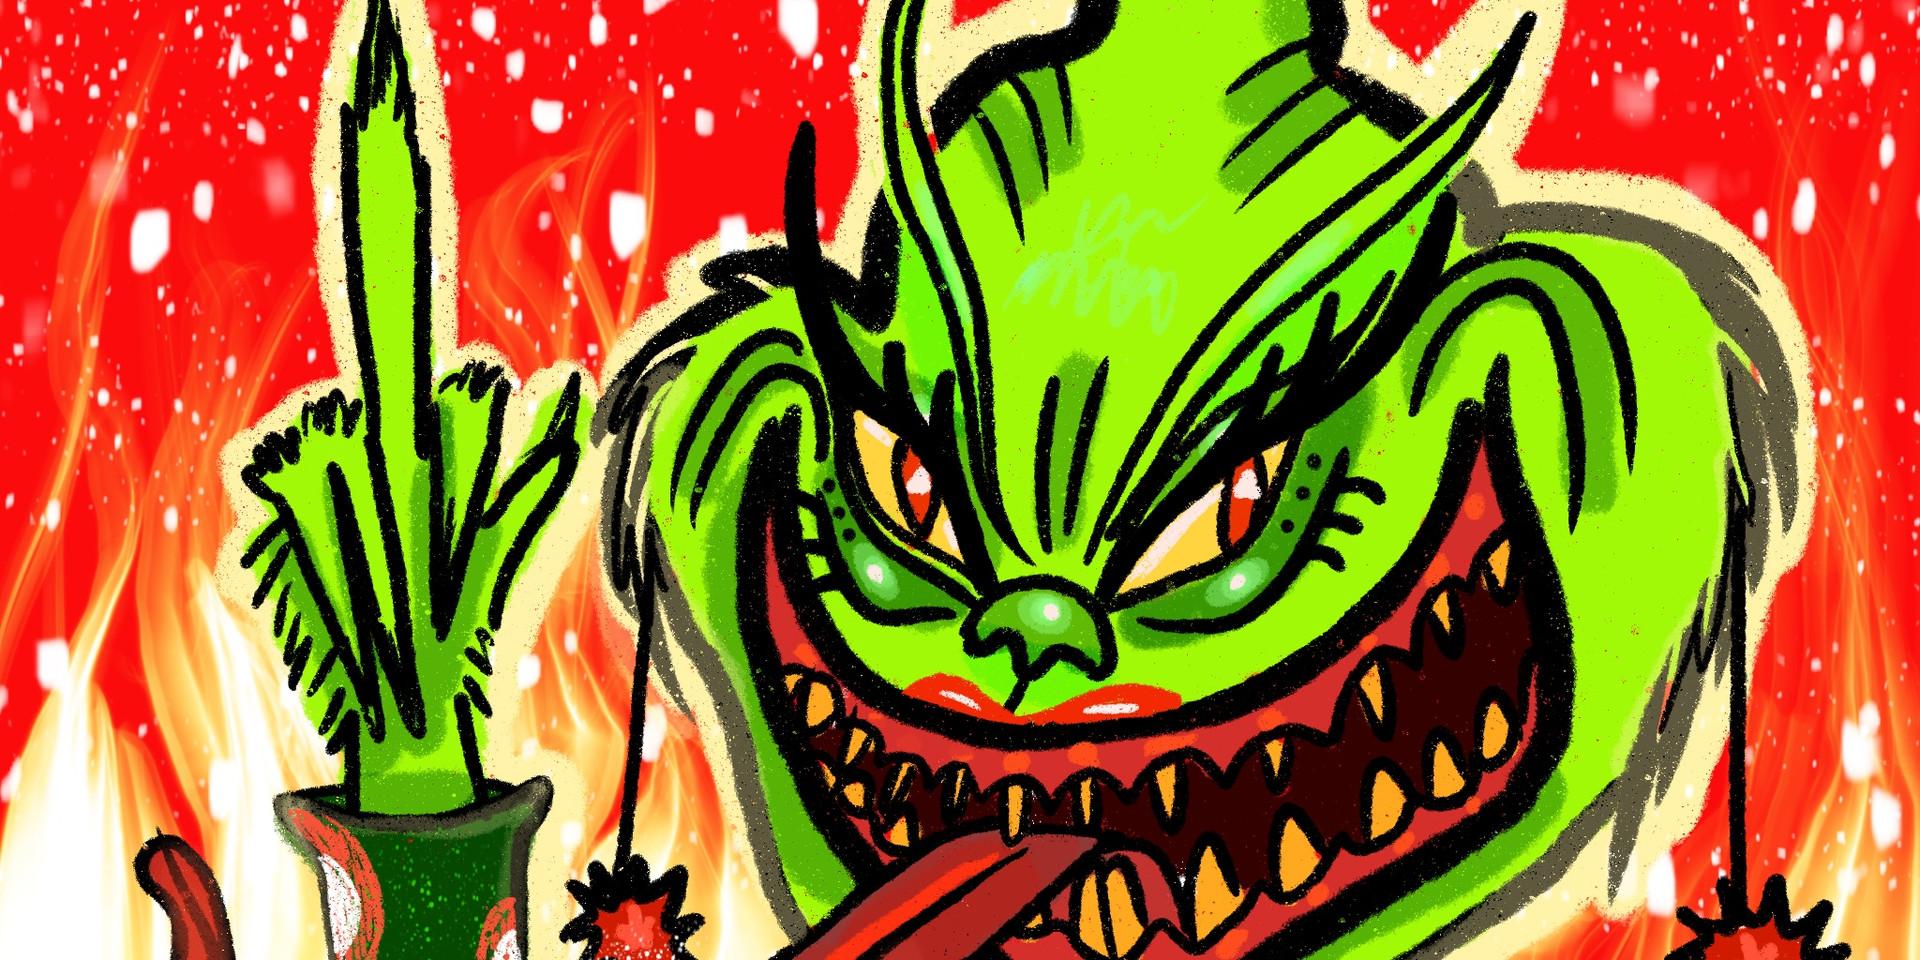 Grinch Explicit